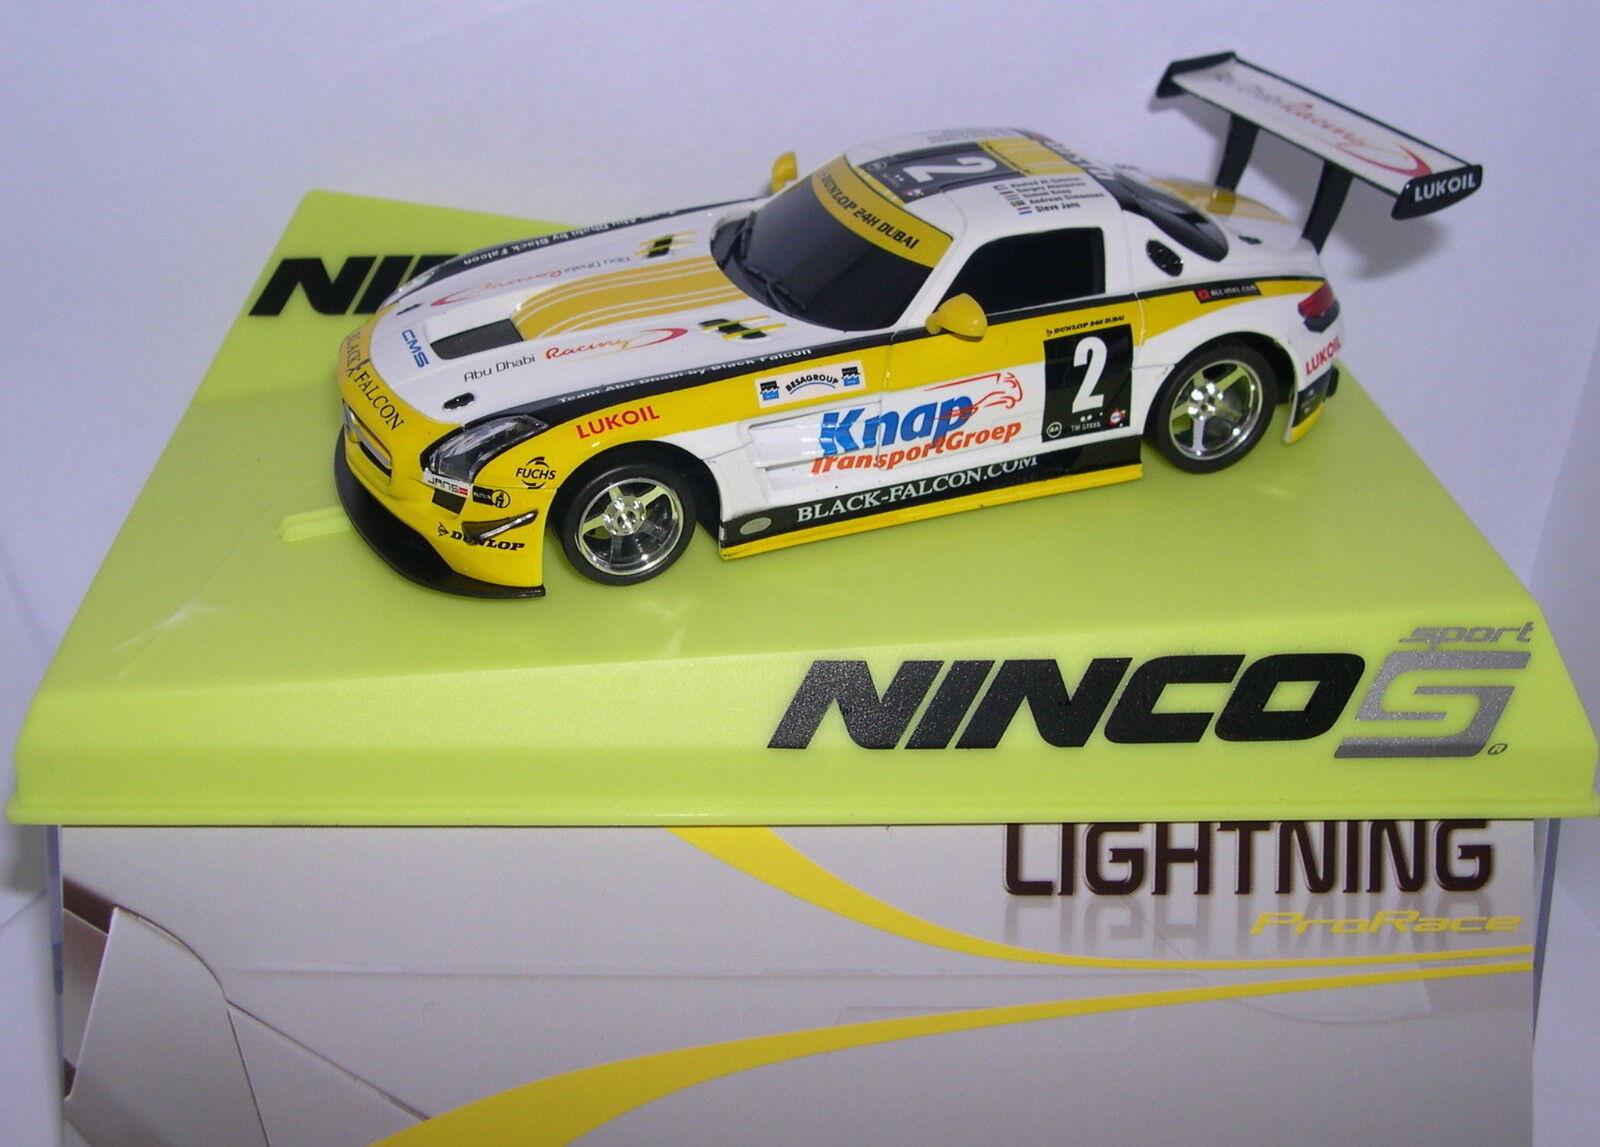 NINCO SLOT VOITURE MERCEDES SLS GT3 LIGHTNING  2 CORPS NINCO 1 KNAP MB